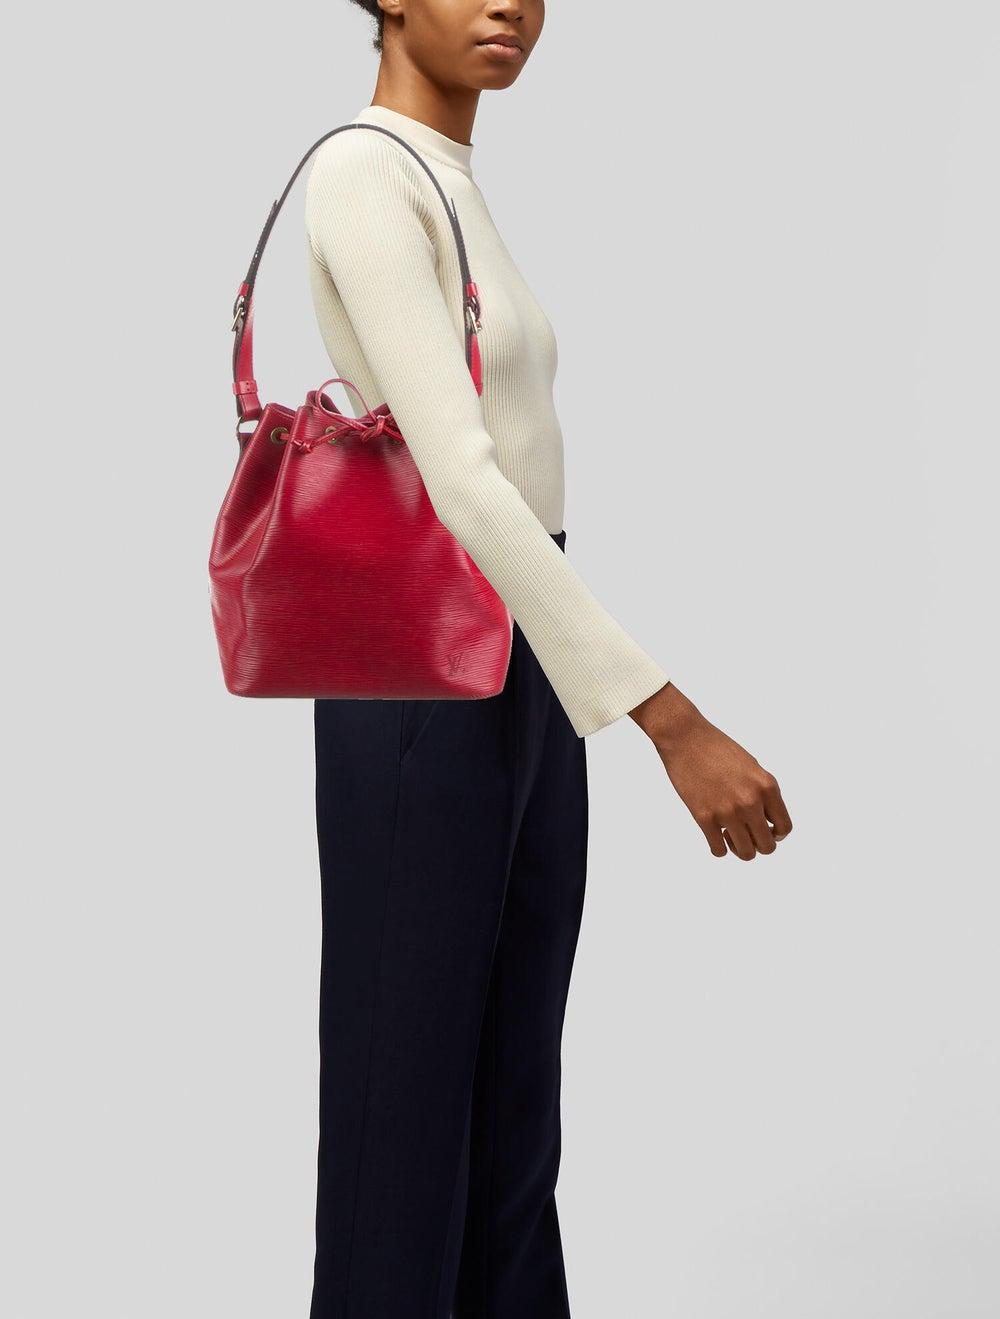 Louis Vuitton Epi Petit Noé Red - image 2